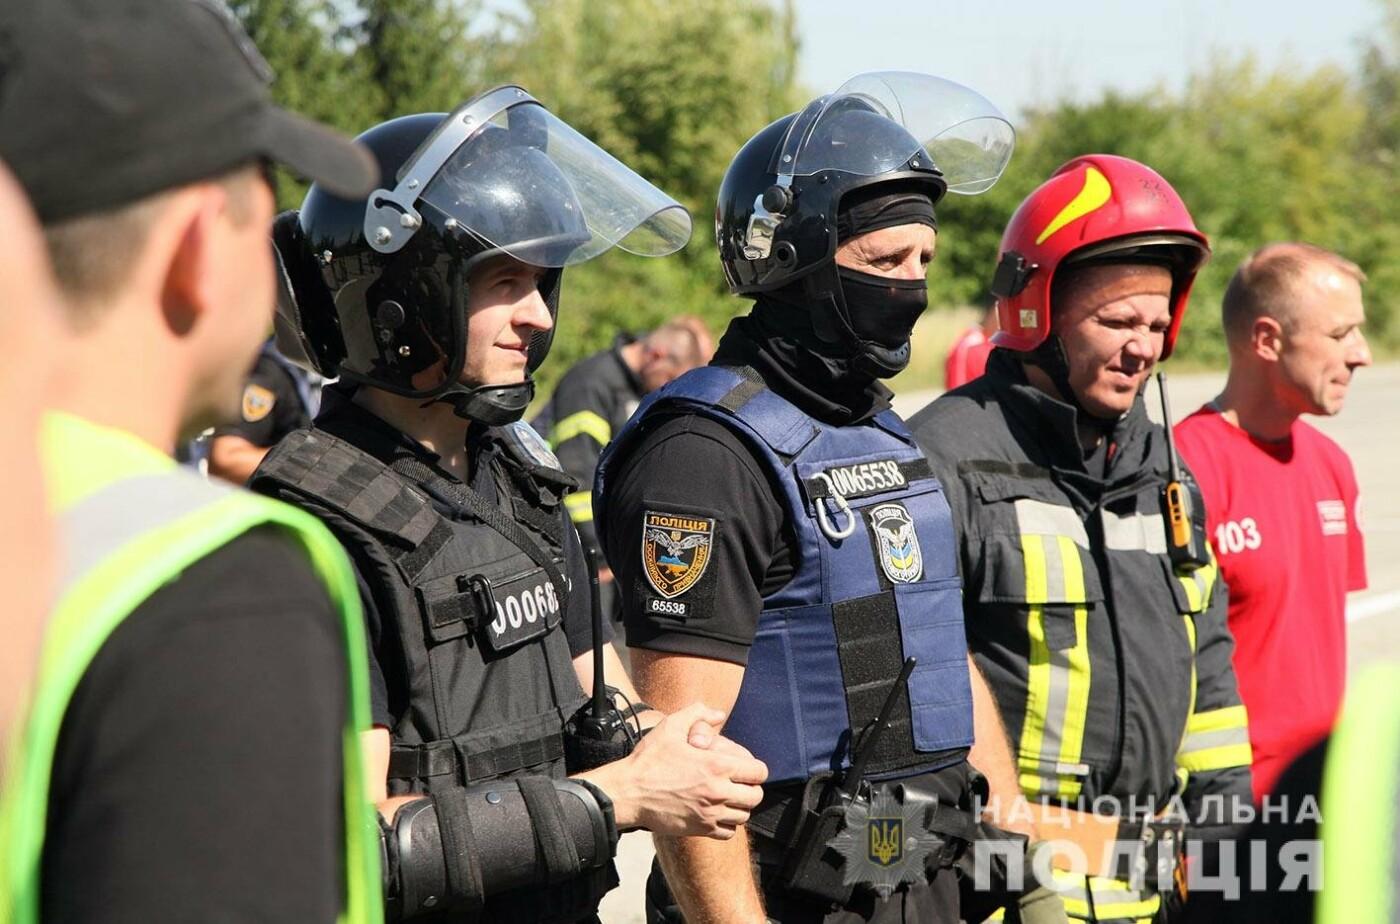 У Хмельницькому правоохоронці продовжують підготовку до забезпечення публічної безпеки і порядку під час виборів , фото-4